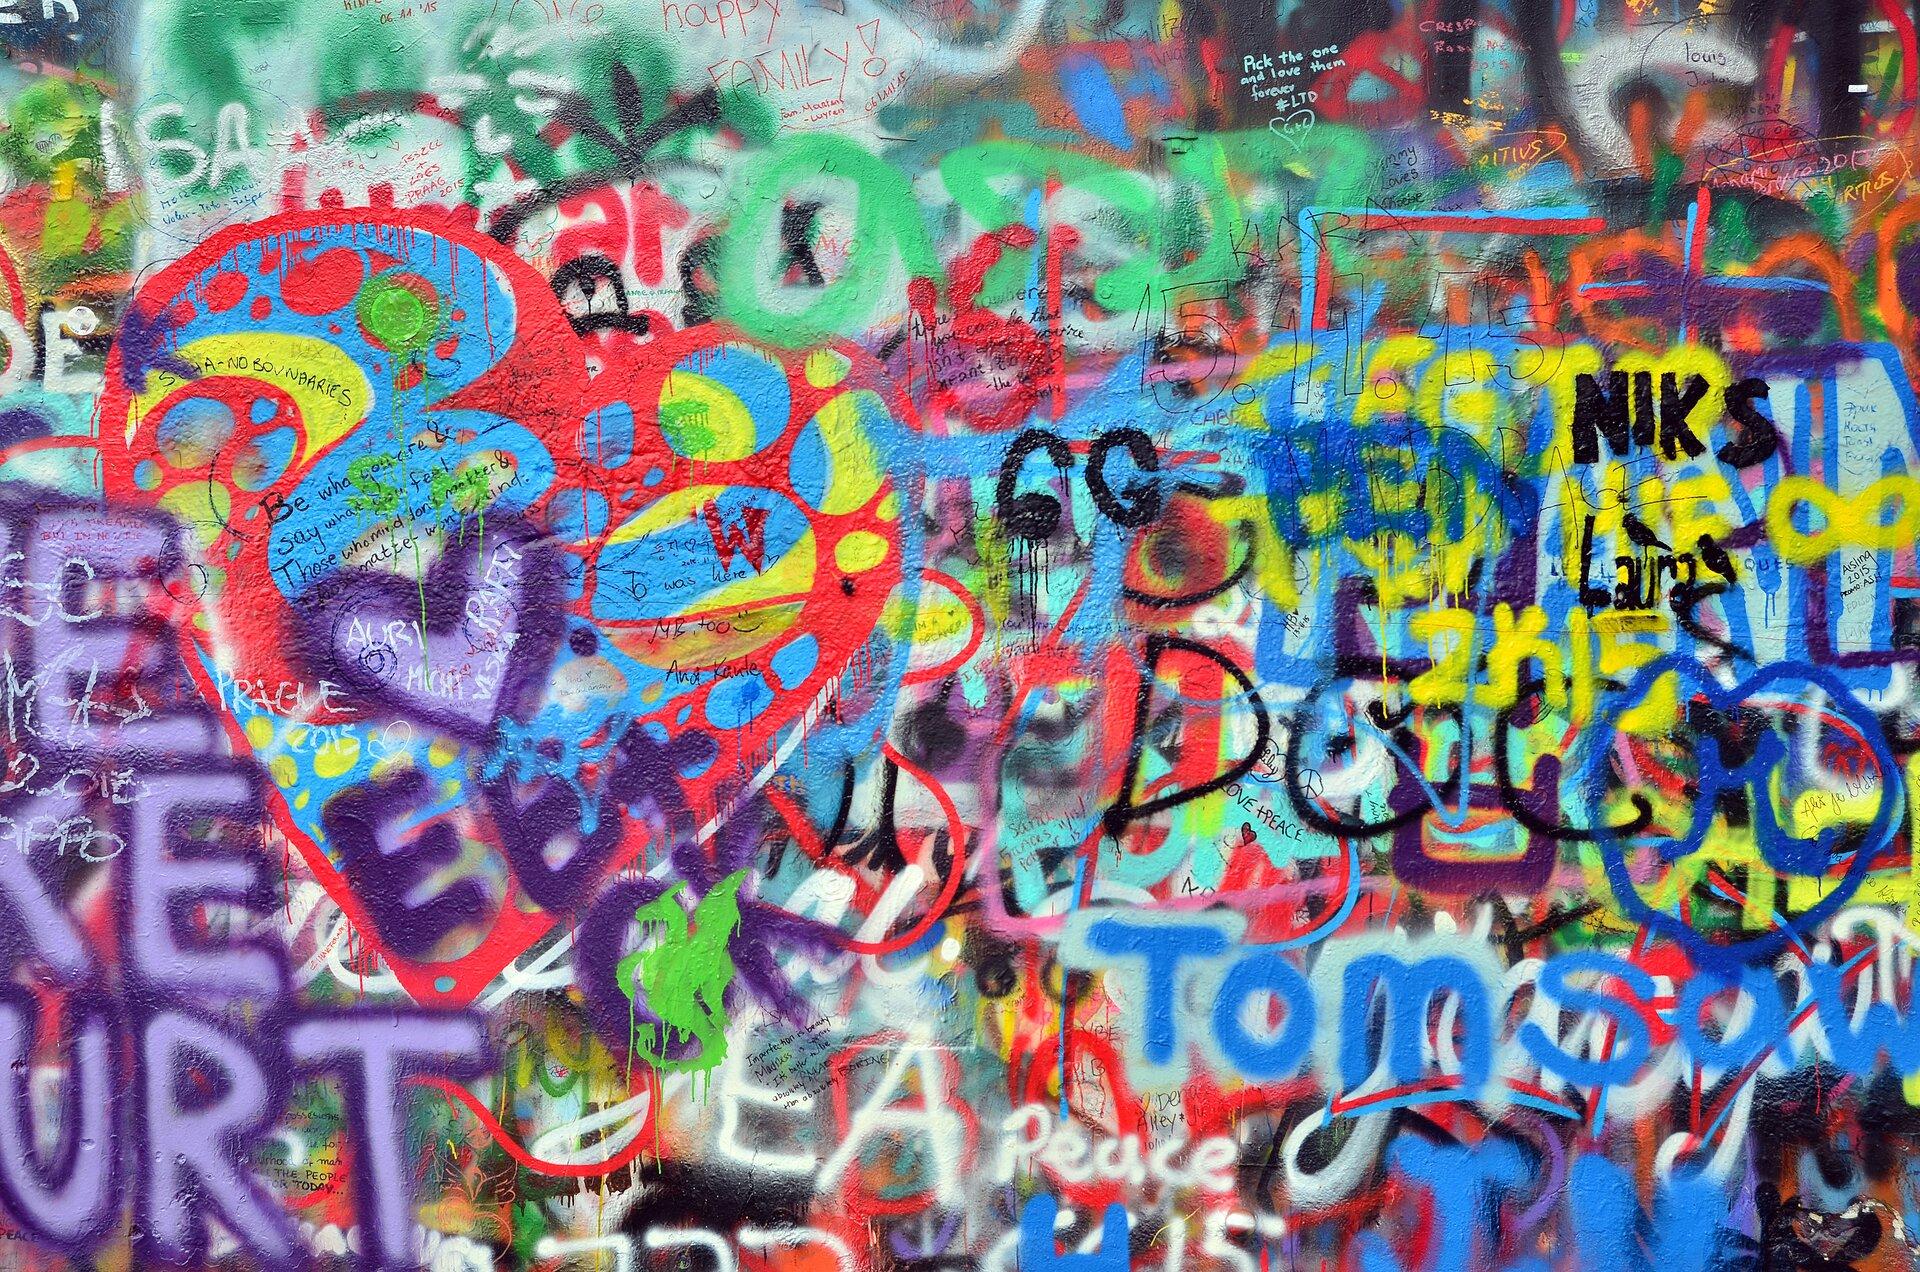 Ilustracja przedstawia fotografię zamalowanej sprayami ściany. Znajdują się na niej różnobarwne napisy oraz motywy graficzne.